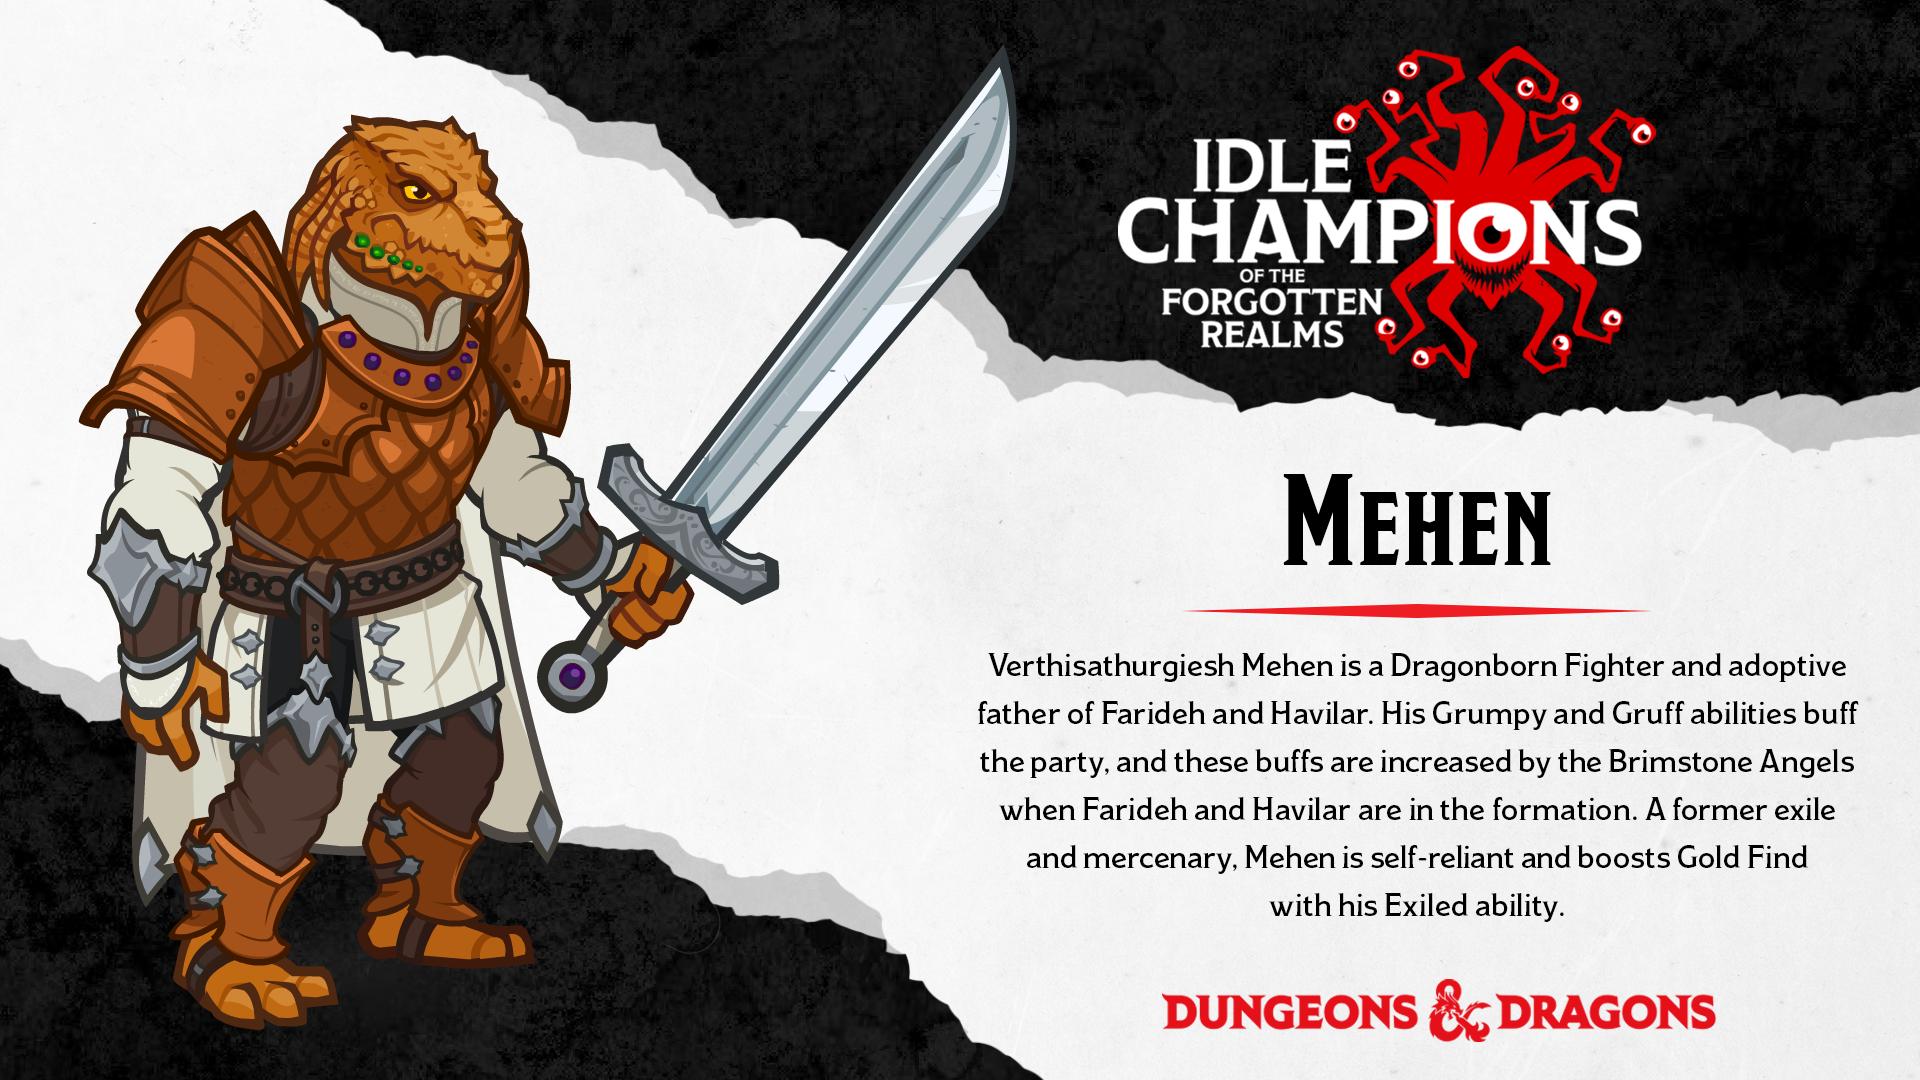 Dungeons & Dragons Verthisathurgiesh Mehen